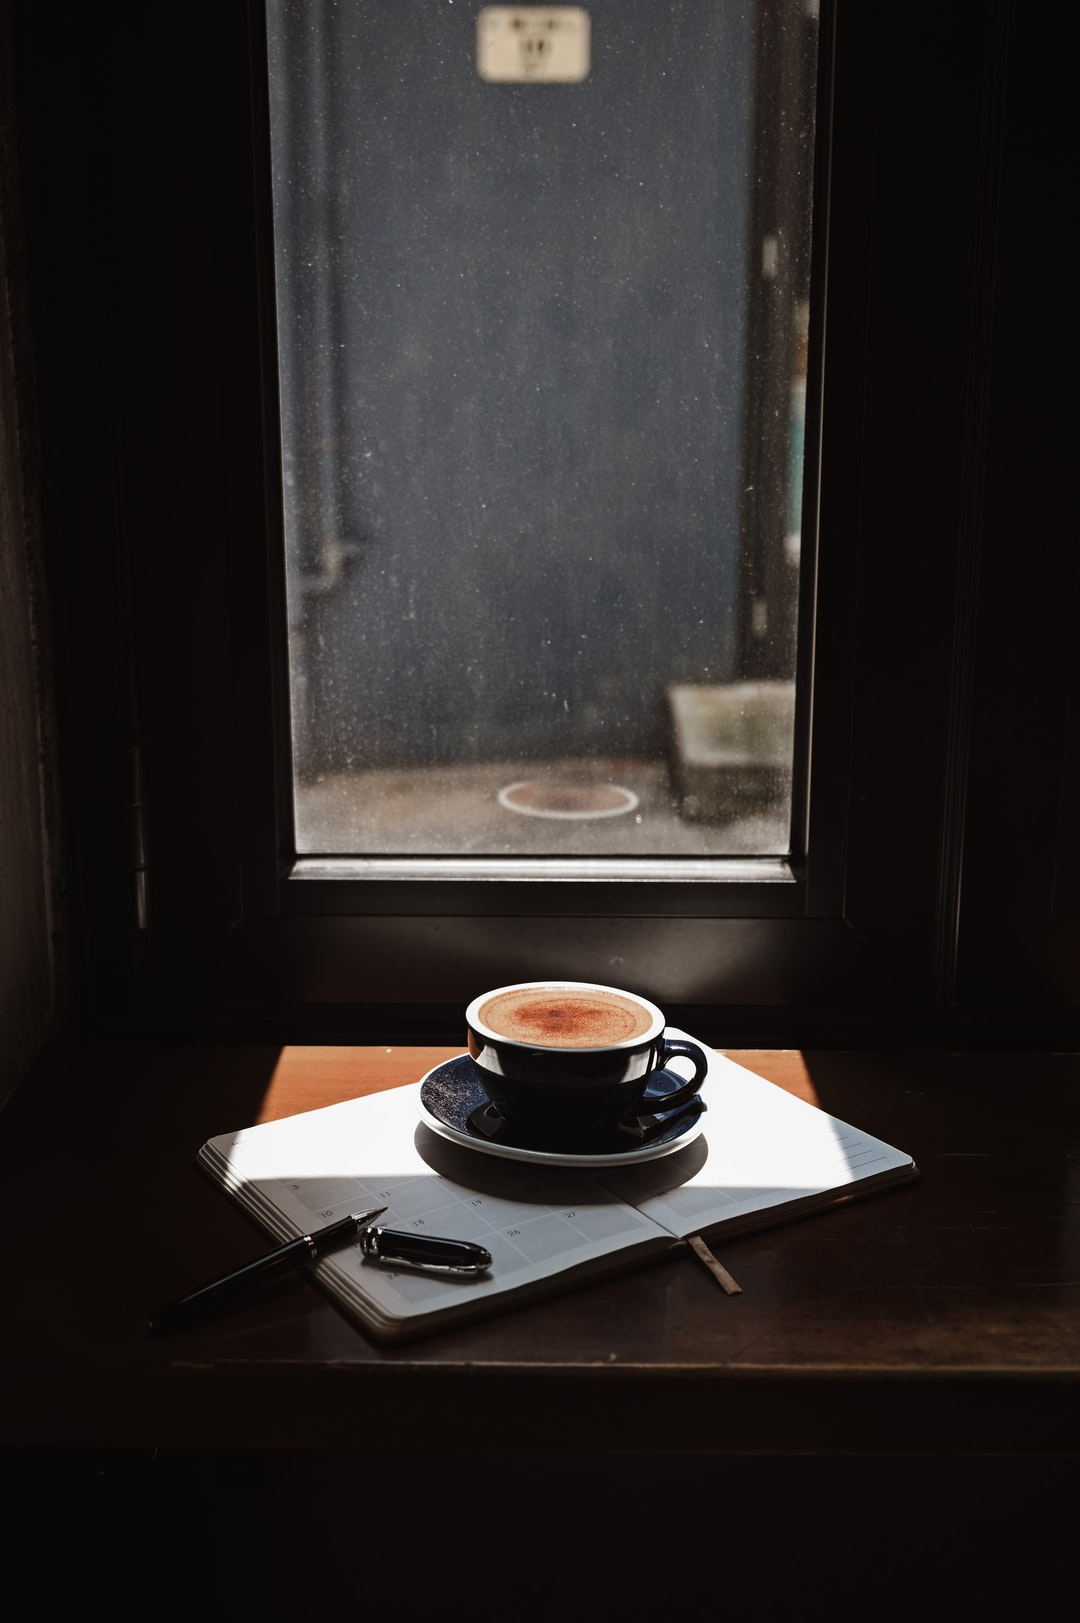 coffee or chocolate?